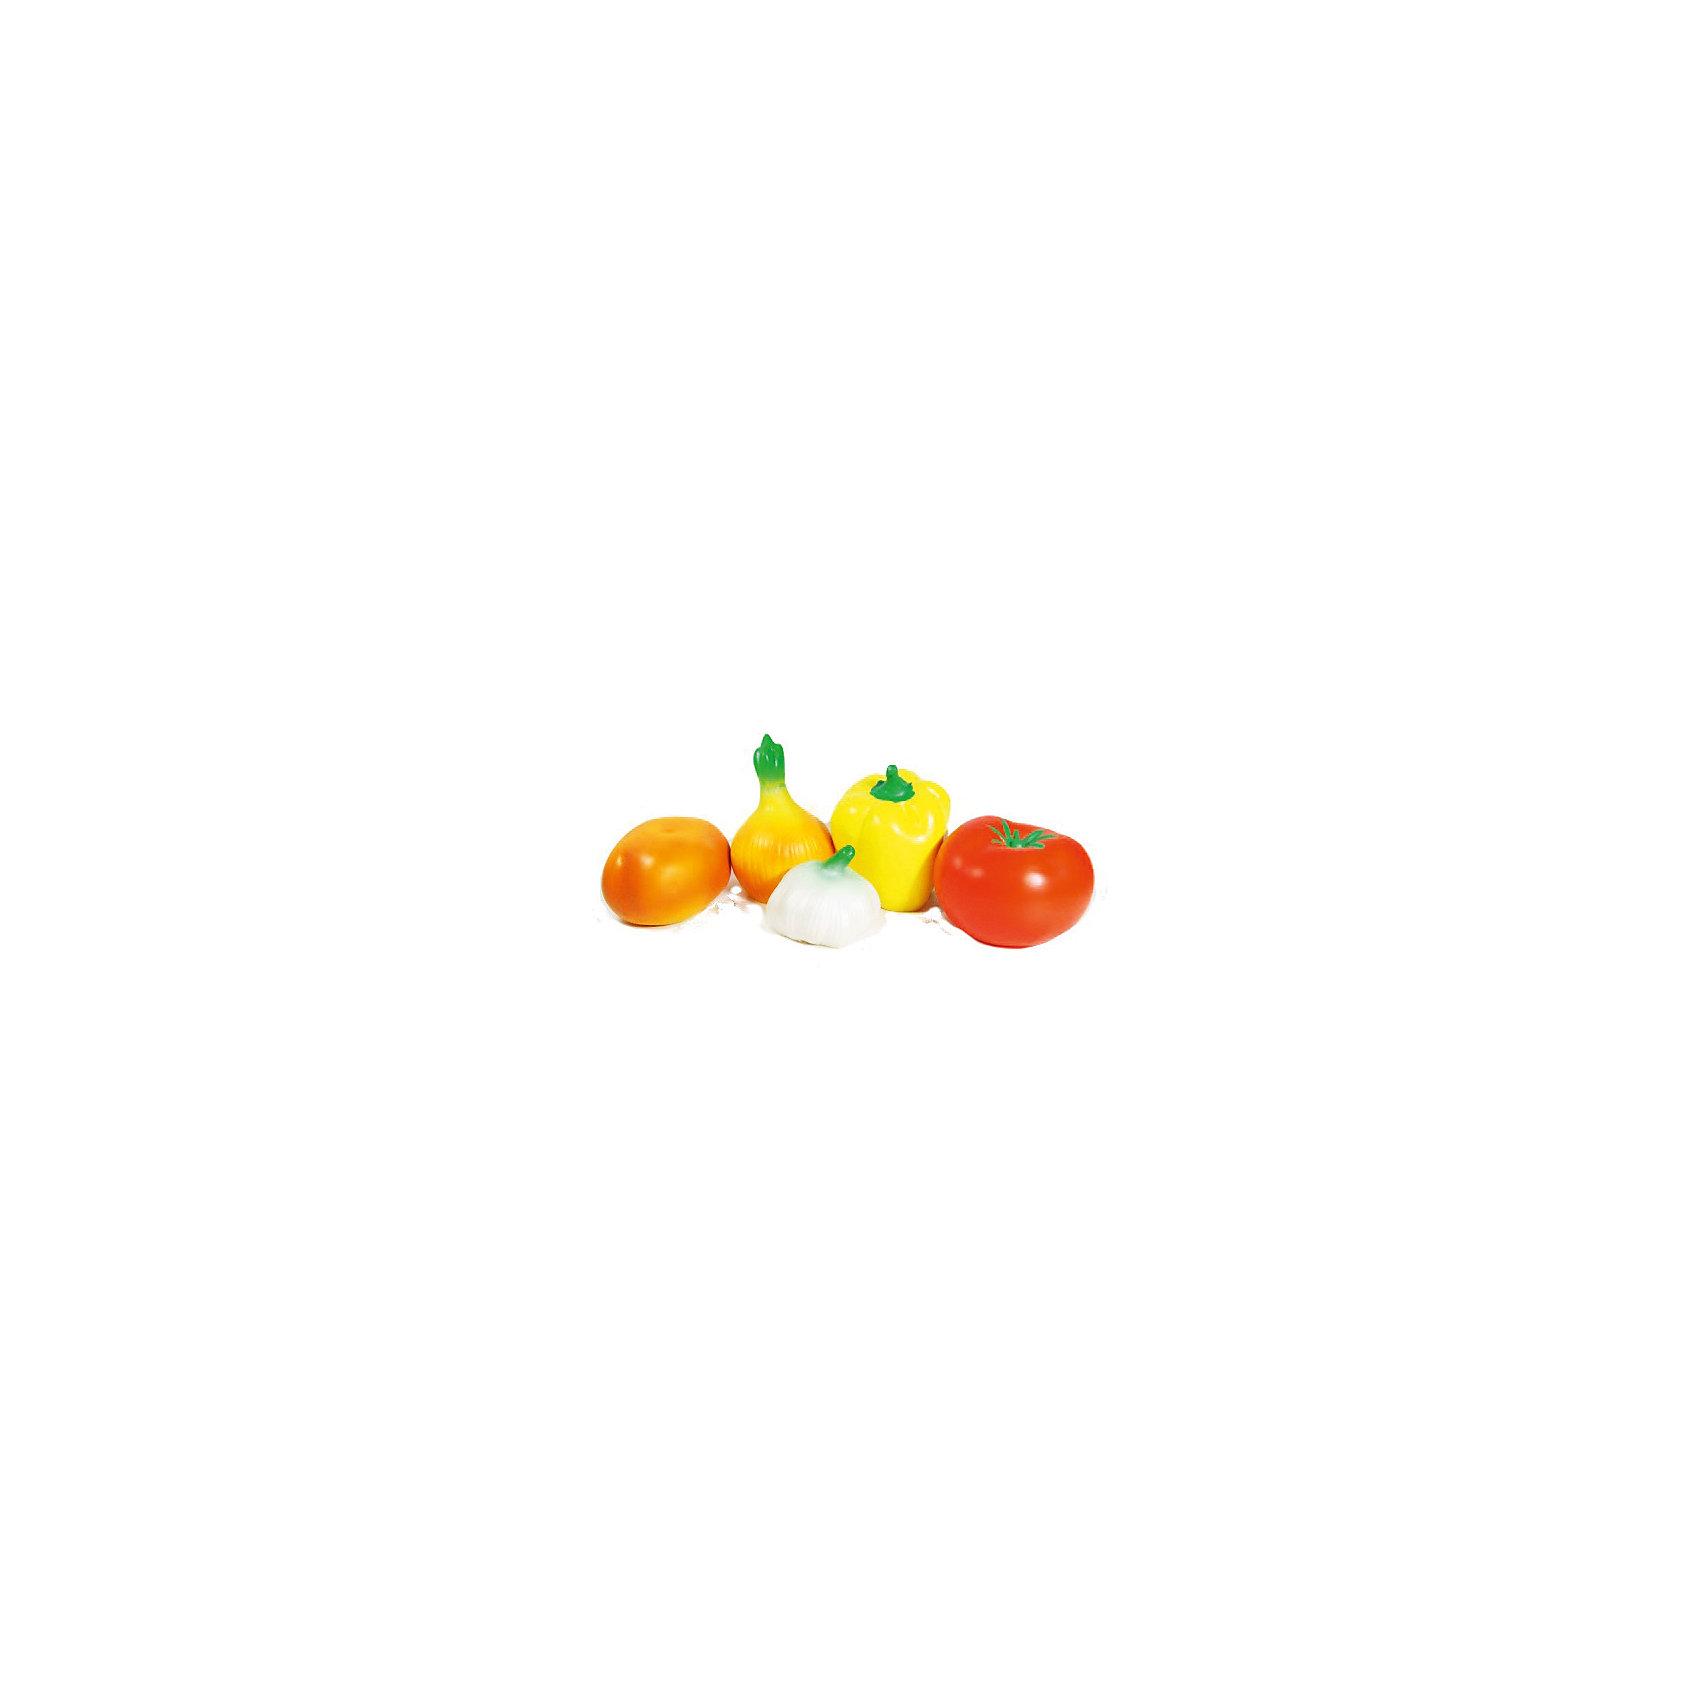 Набор Овощи, КудесникиИгрушечные продукты питания<br><br><br>Ширина мм: 200<br>Глубина мм: 200<br>Высота мм: 95<br>Вес г: 225<br>Возраст от месяцев: 12<br>Возраст до месяцев: 36<br>Пол: Унисекс<br>Возраст: Детский<br>SKU: 4896450